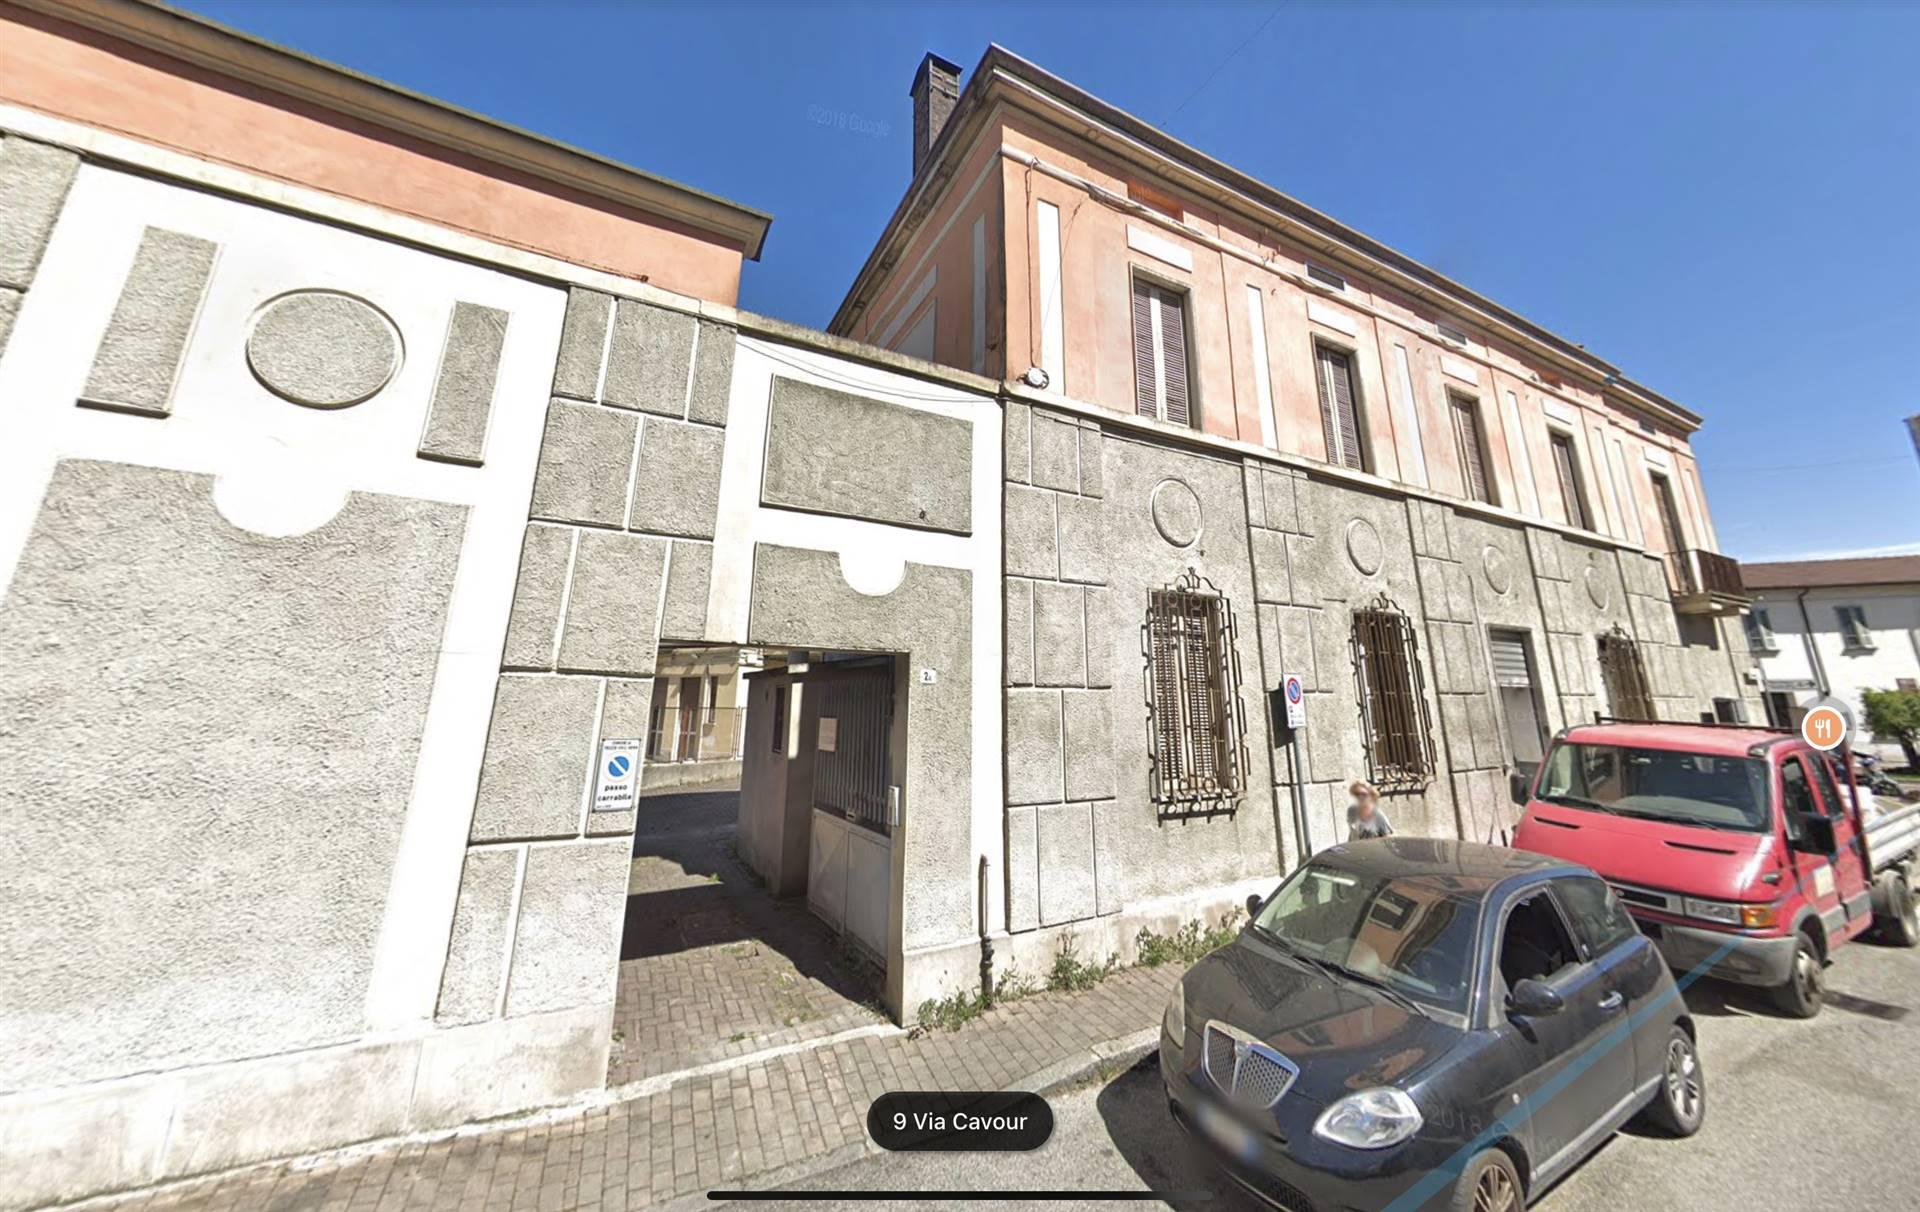 Soluzione Indipendente in vendita a Trezzo sull'Adda, 20 locali, prezzo € 480.000 | CambioCasa.it